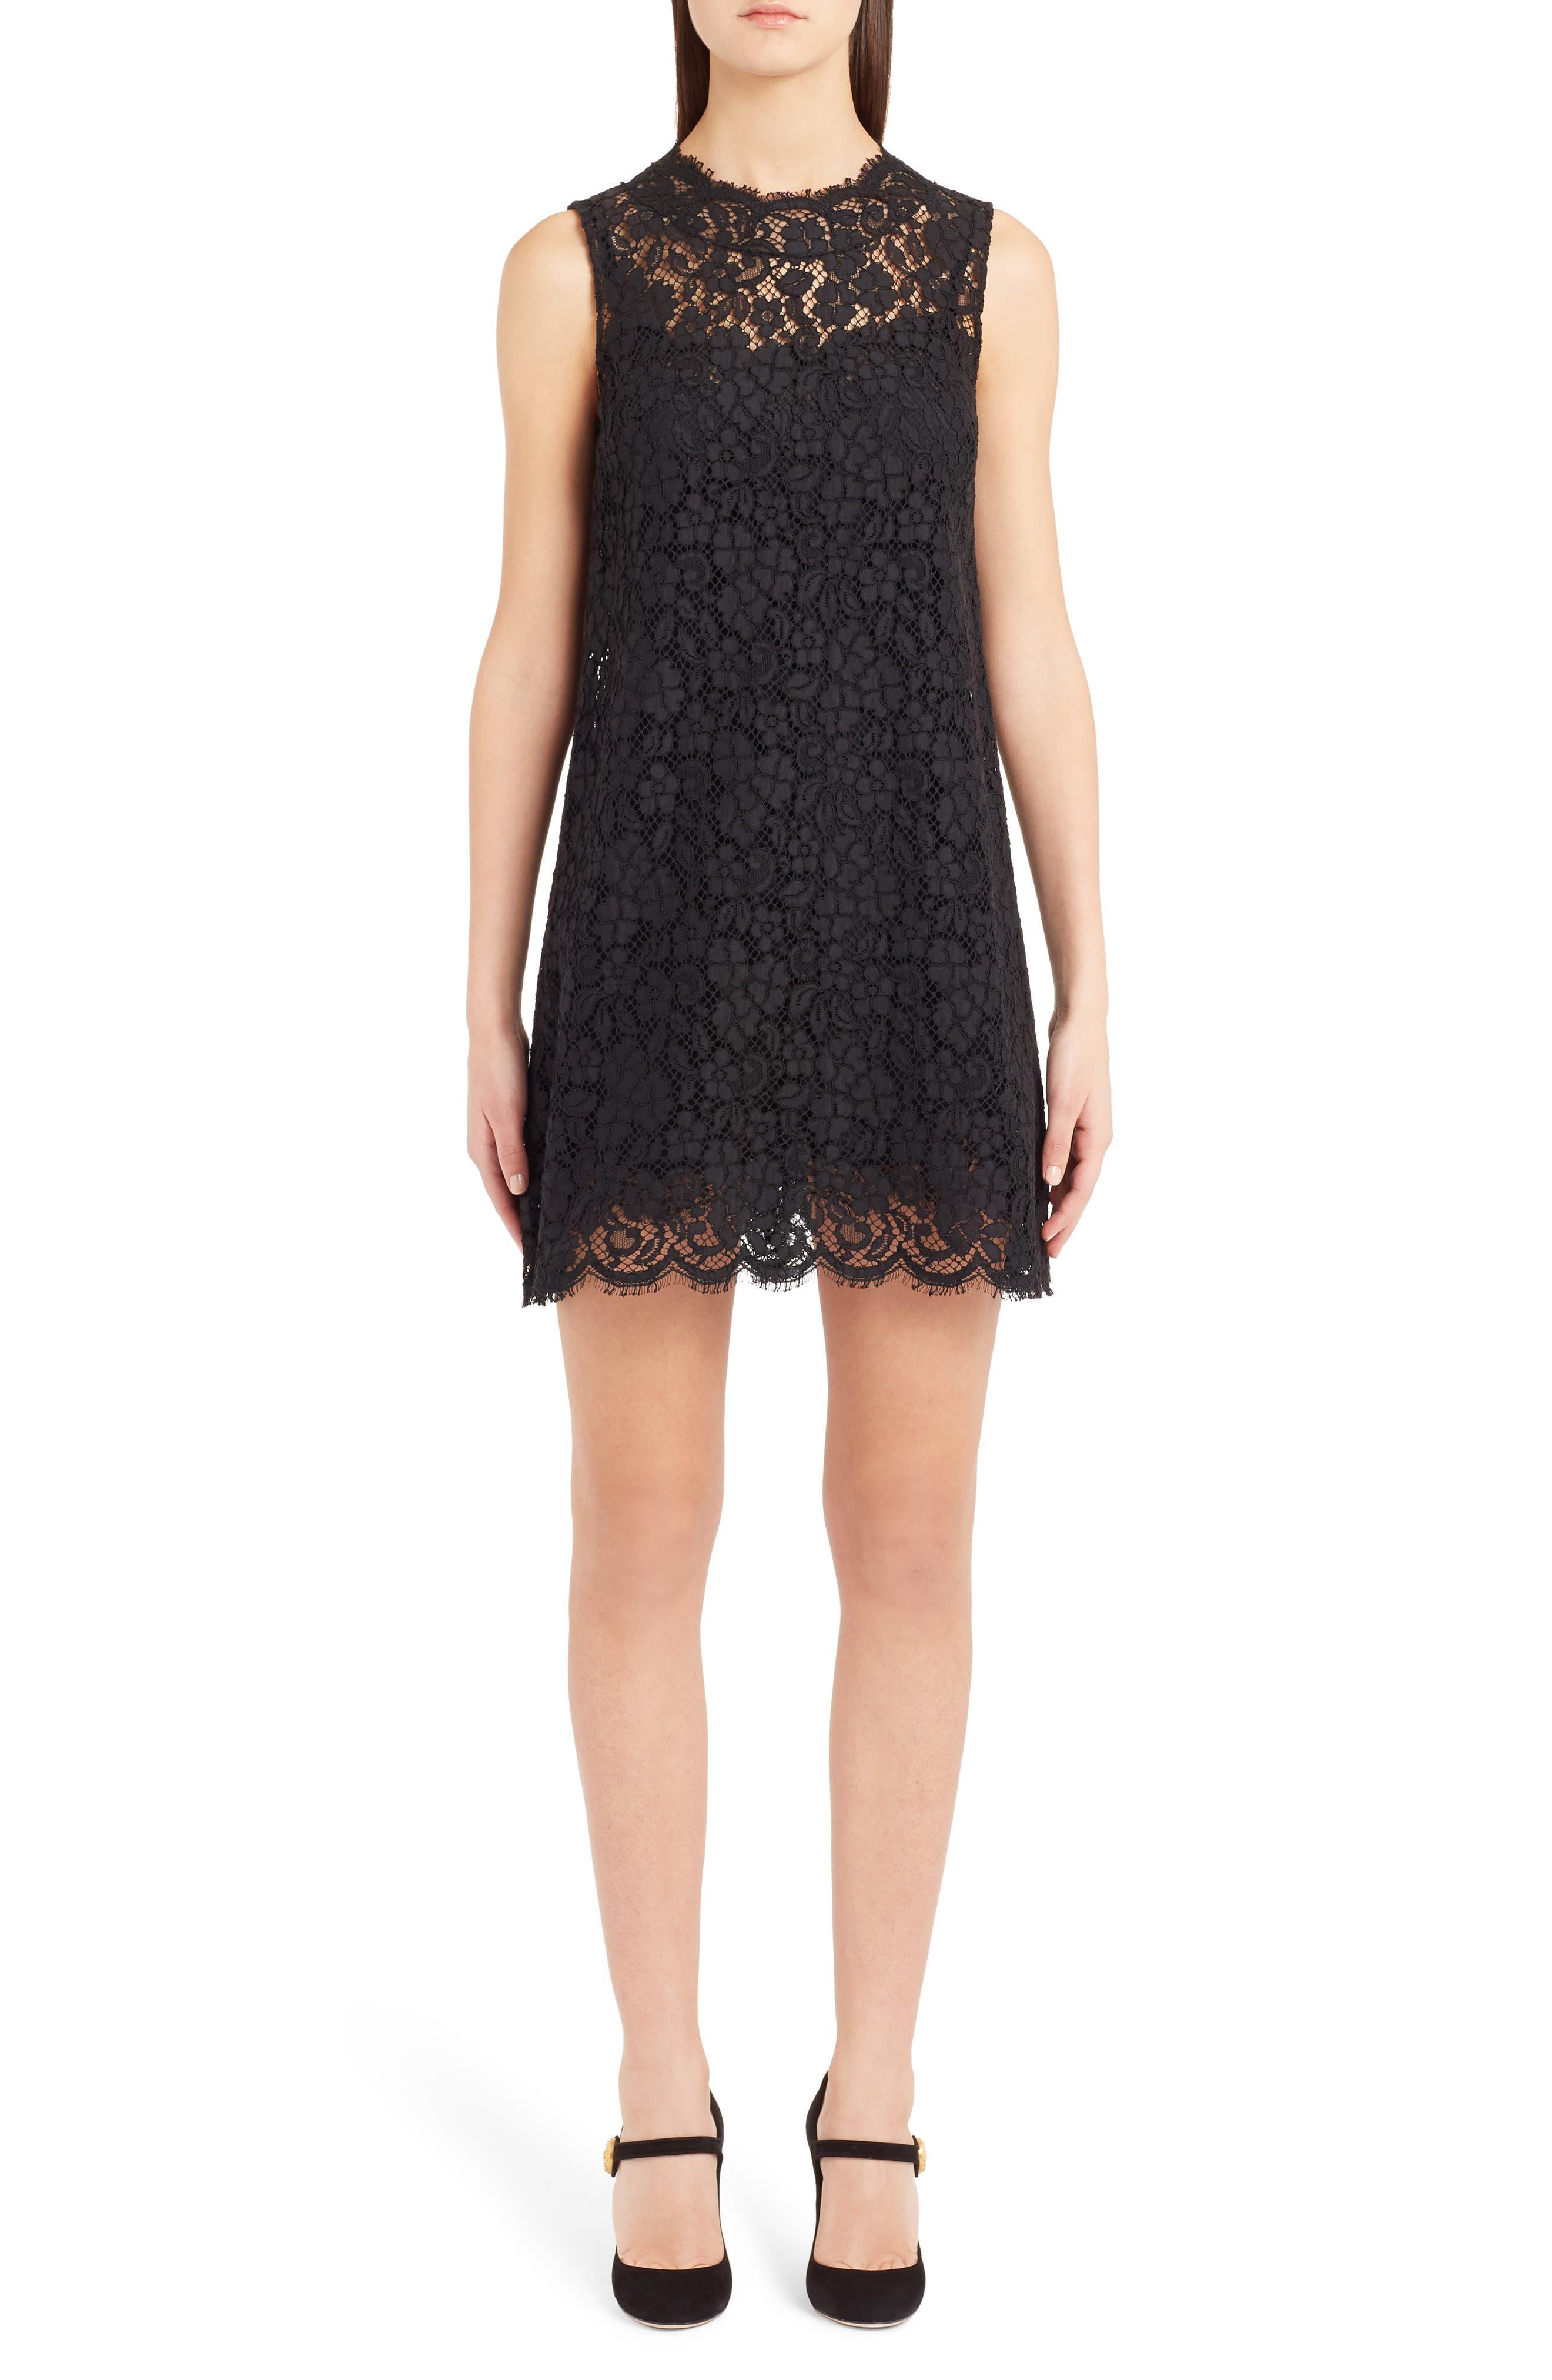 Dolce & gabbana Lace Shift Dress, US / 40 IT - Black